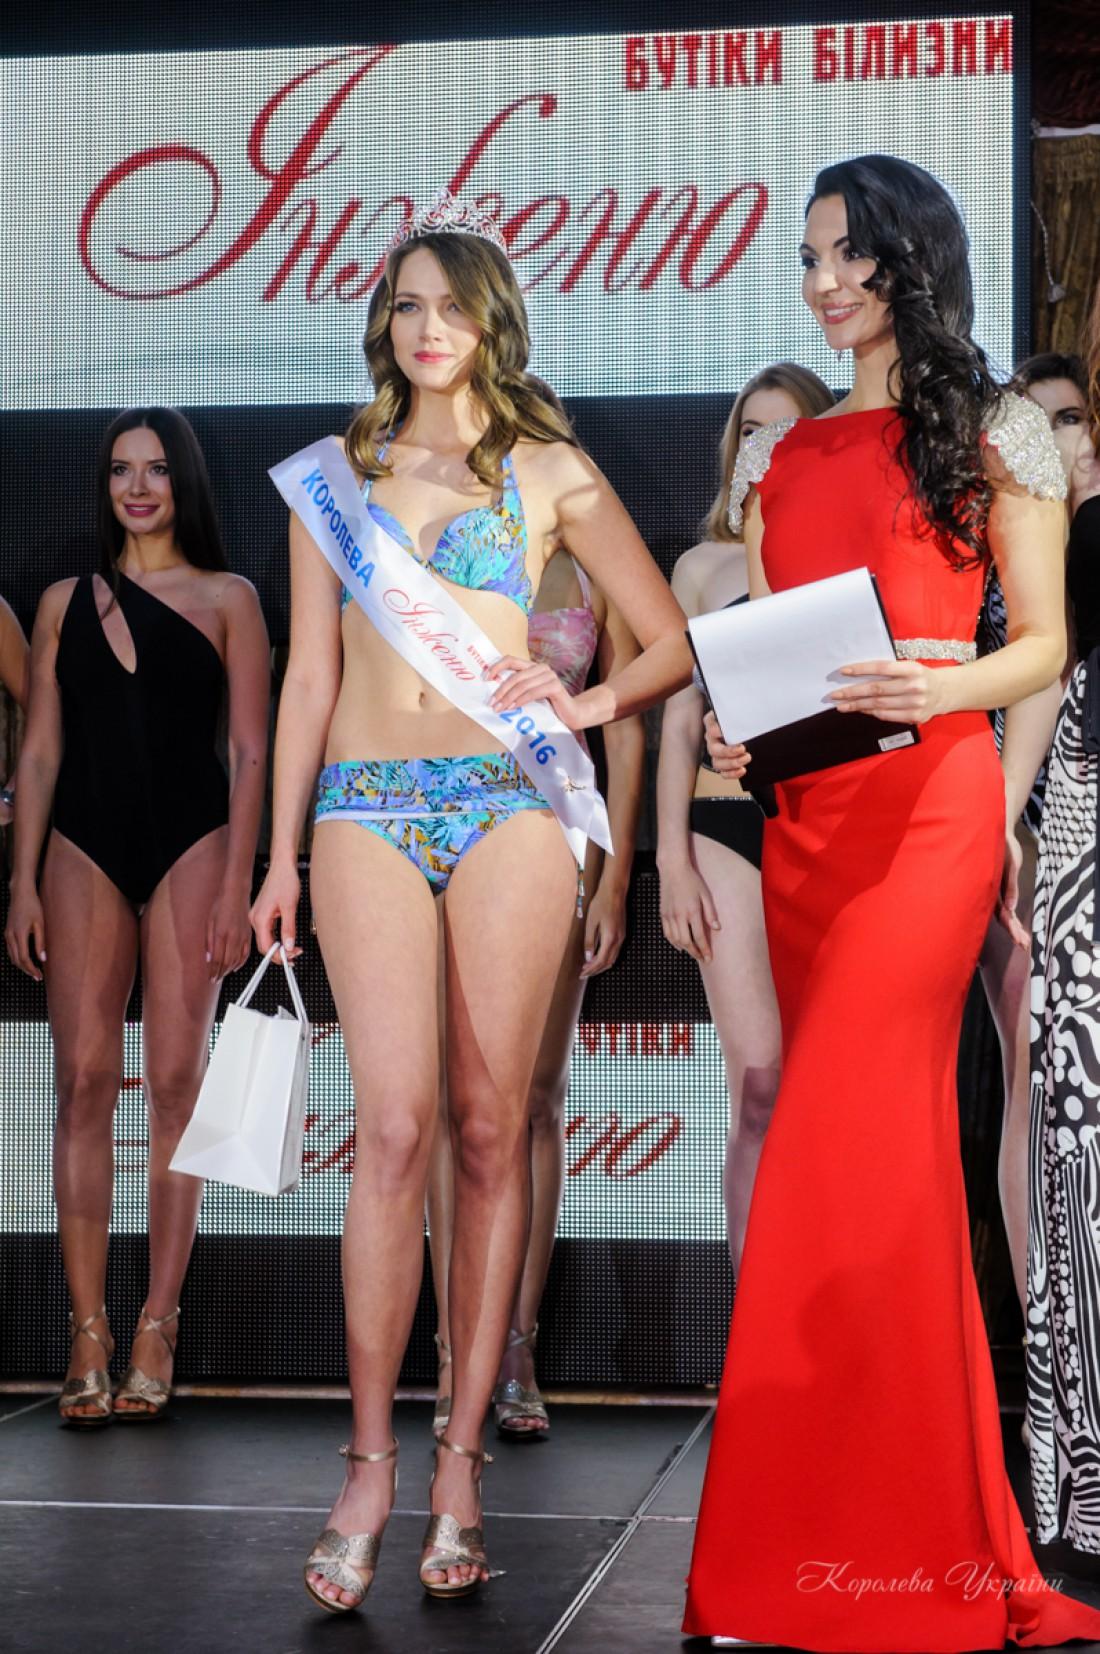 Вероника Михайлишин стала Королевой бикини 2016